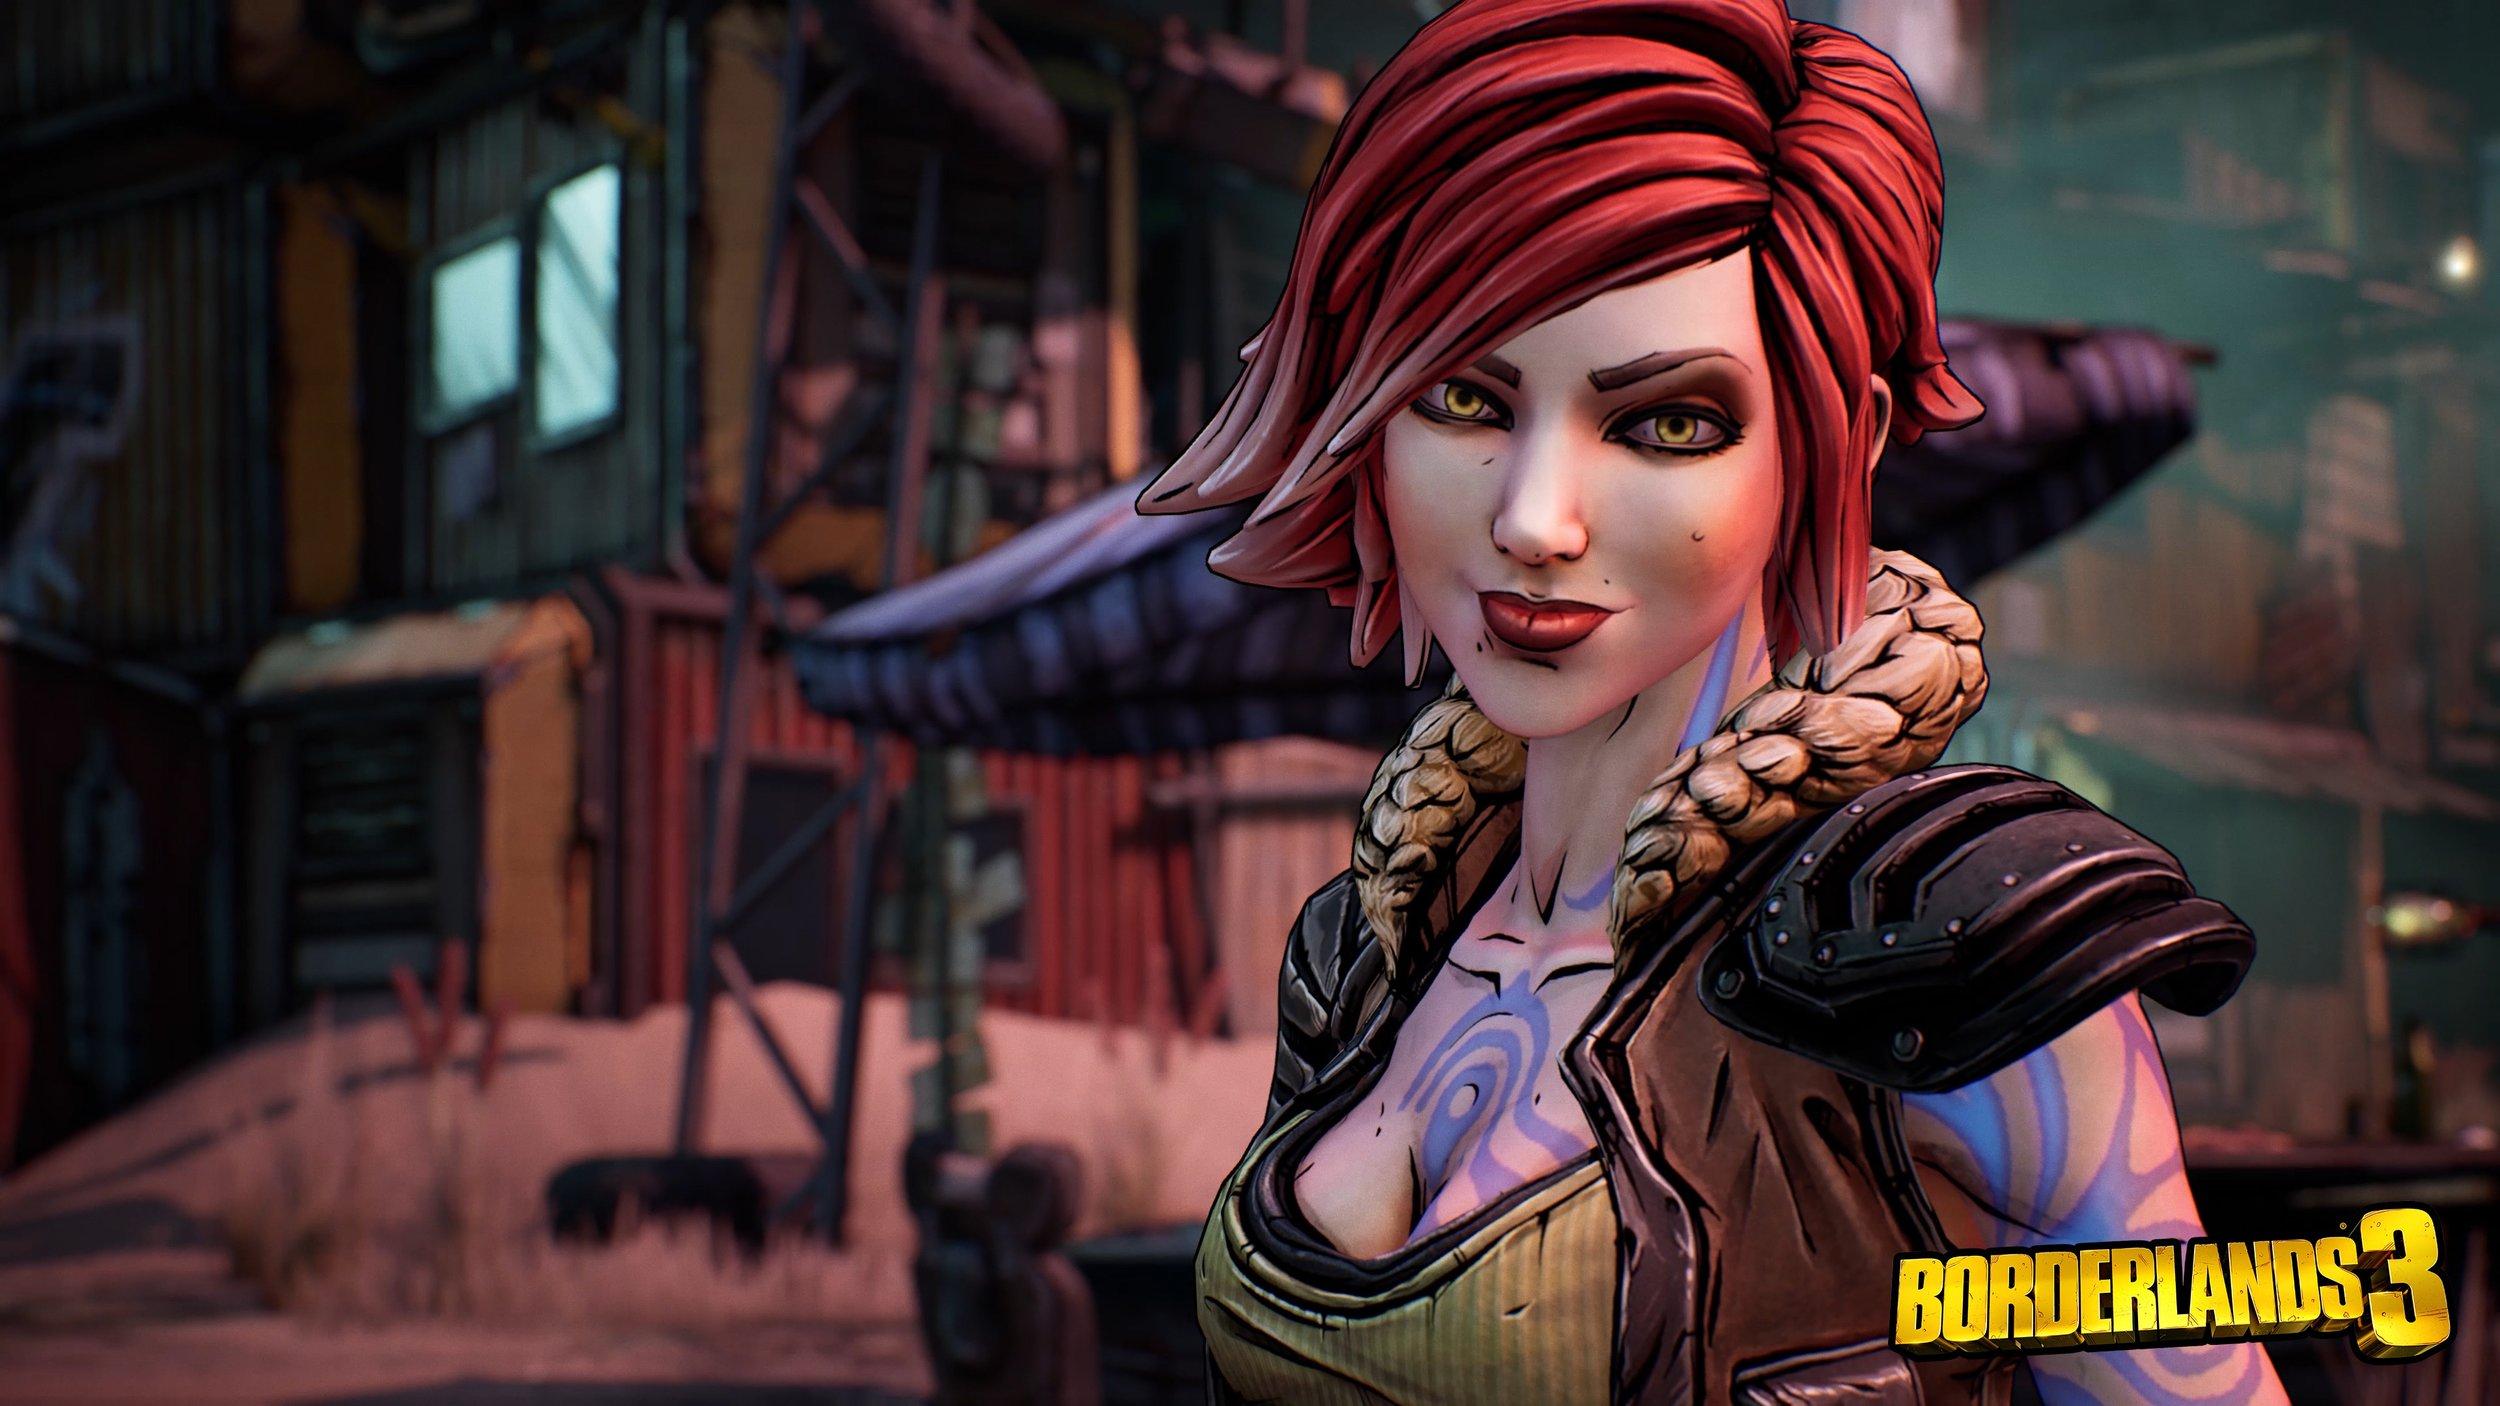 Borderlands 3 Screen 4.jpeg